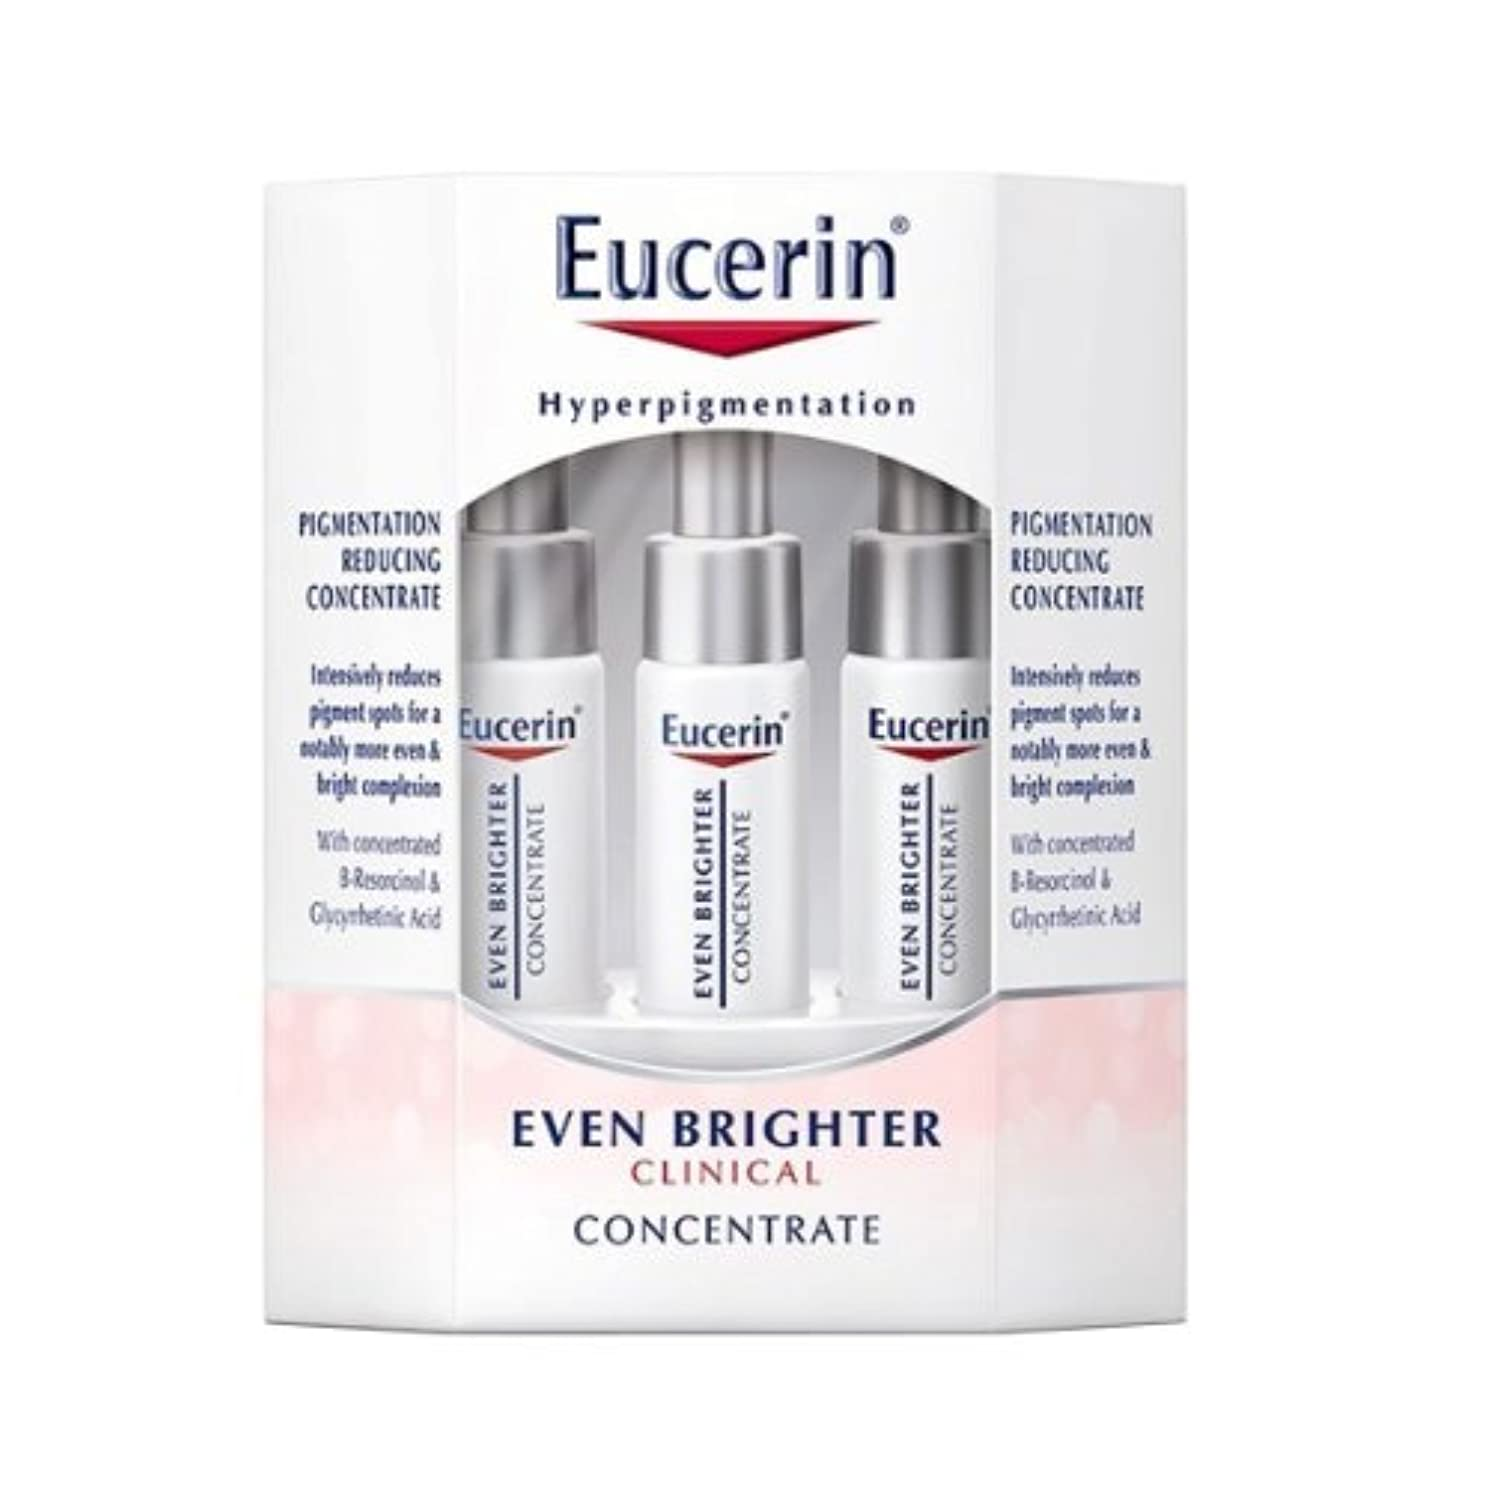 鳴り響く障害者徹底的にEucerin Even Brighter Concentrate 6x5ml by Eucerin [並行輸入品]